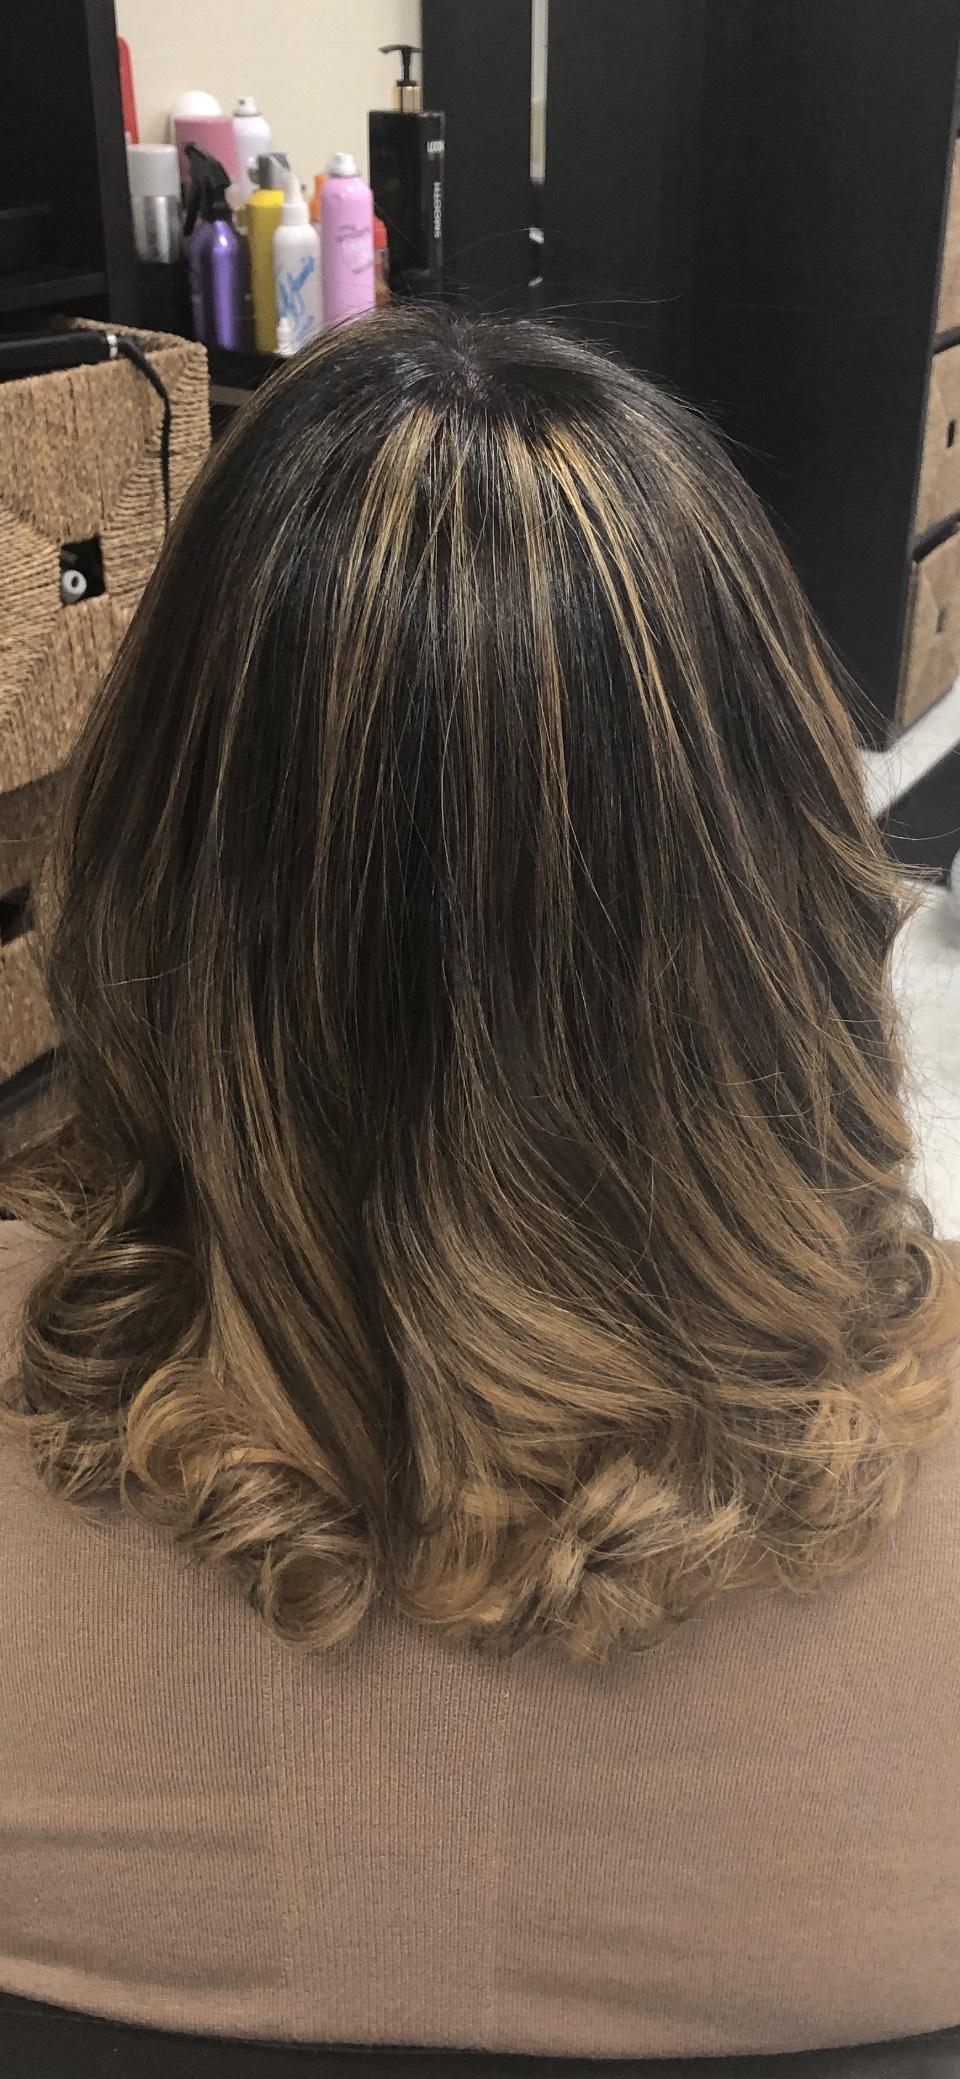 Zoralla's Dominican Hair Salon